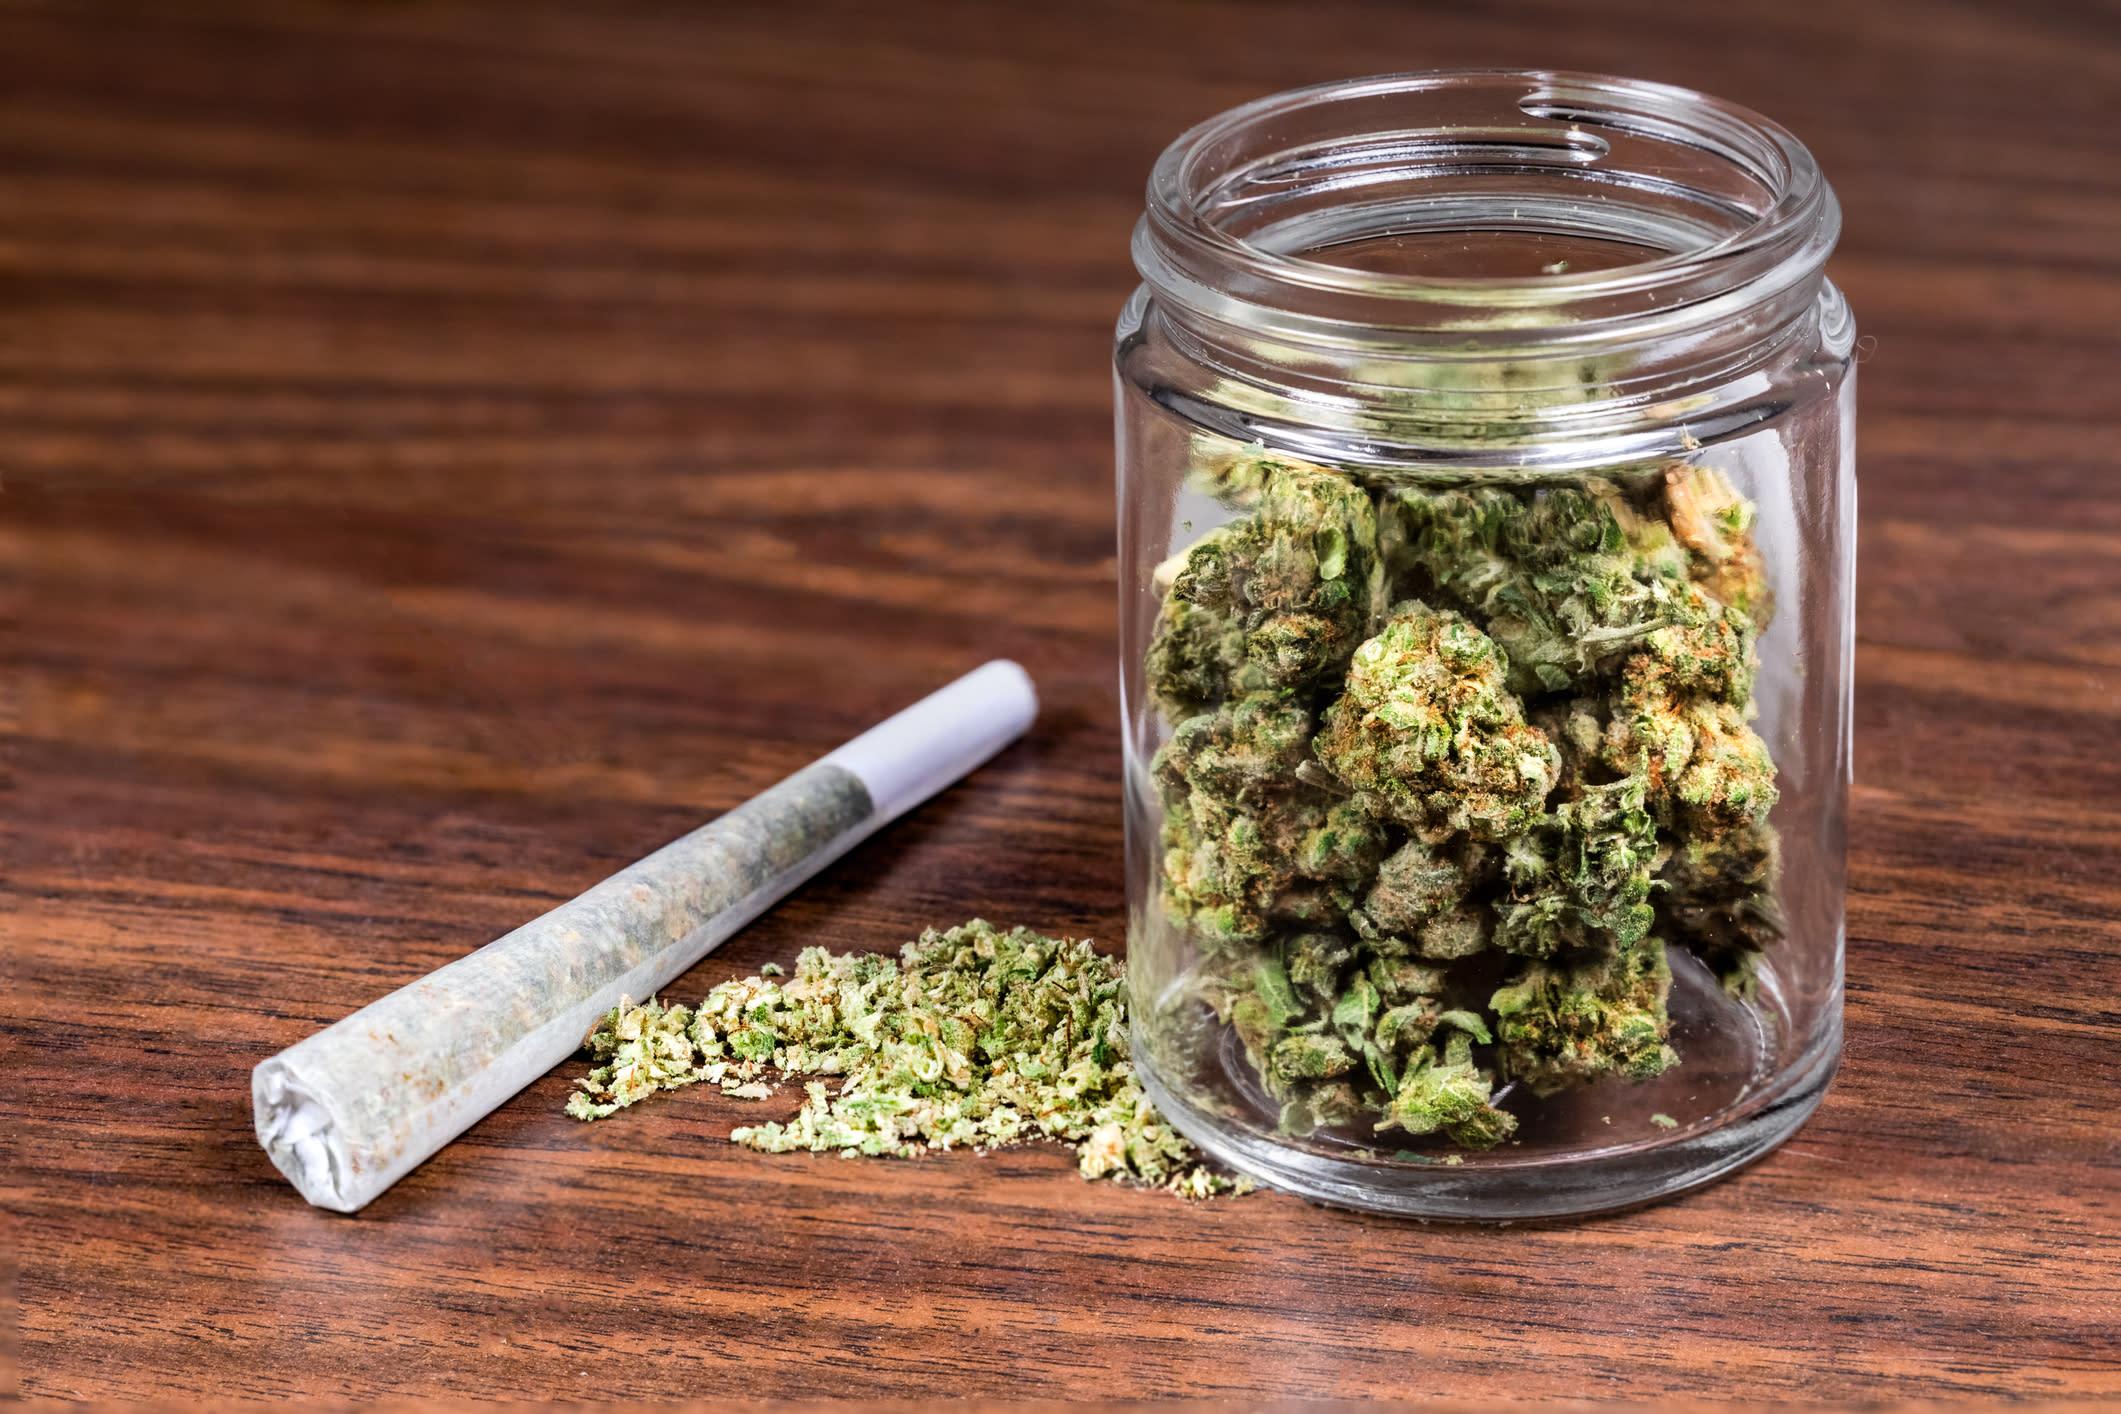 Марихуана предотвратит 228 за марихуану